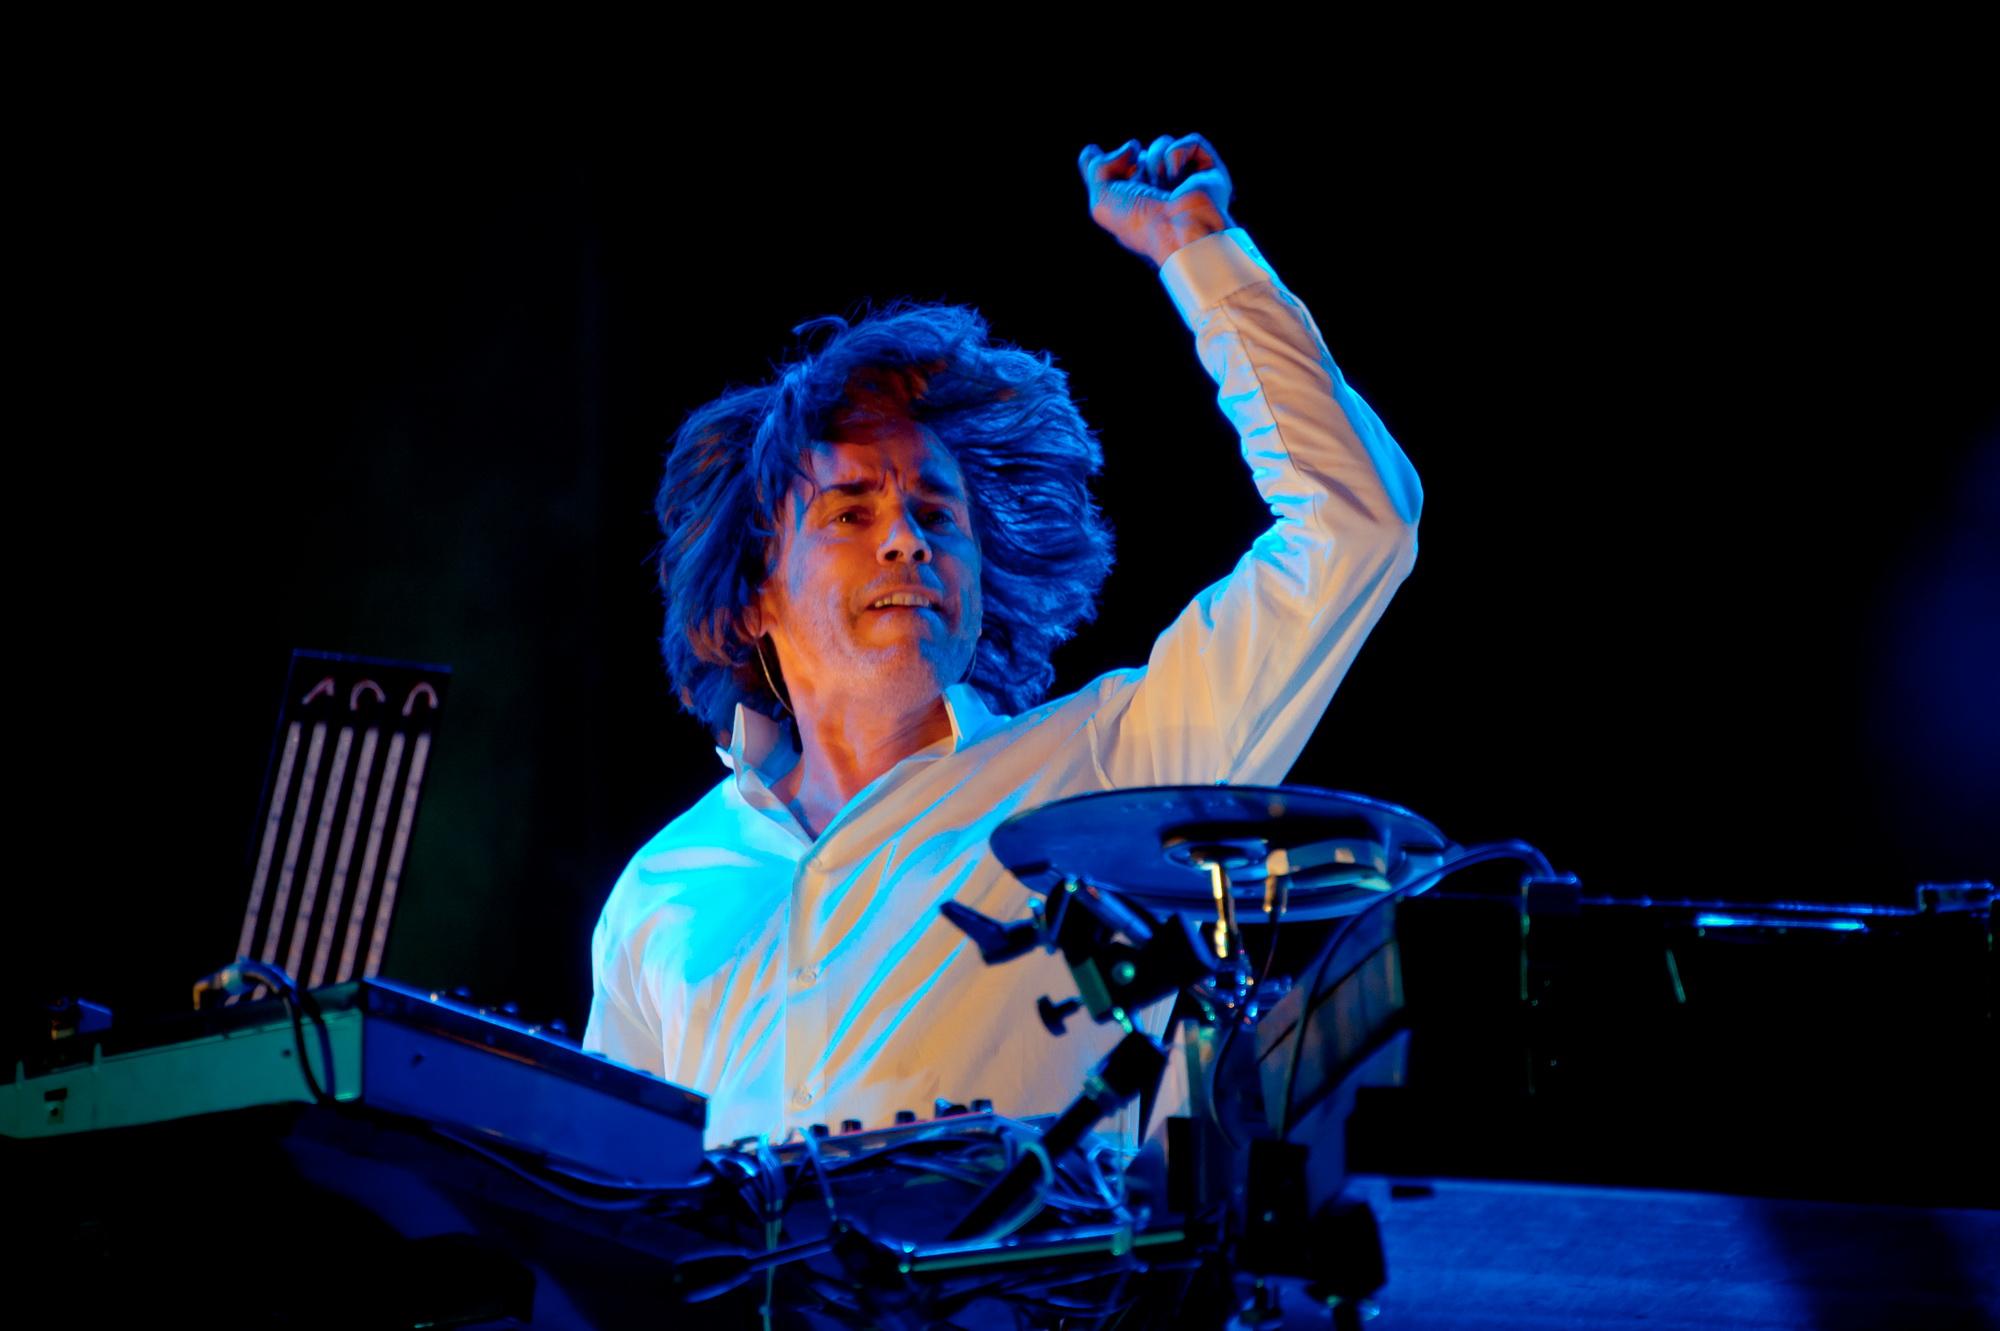 Жан-Мишель Жарр с грандиозным концертом у подножья магической горы Масада!